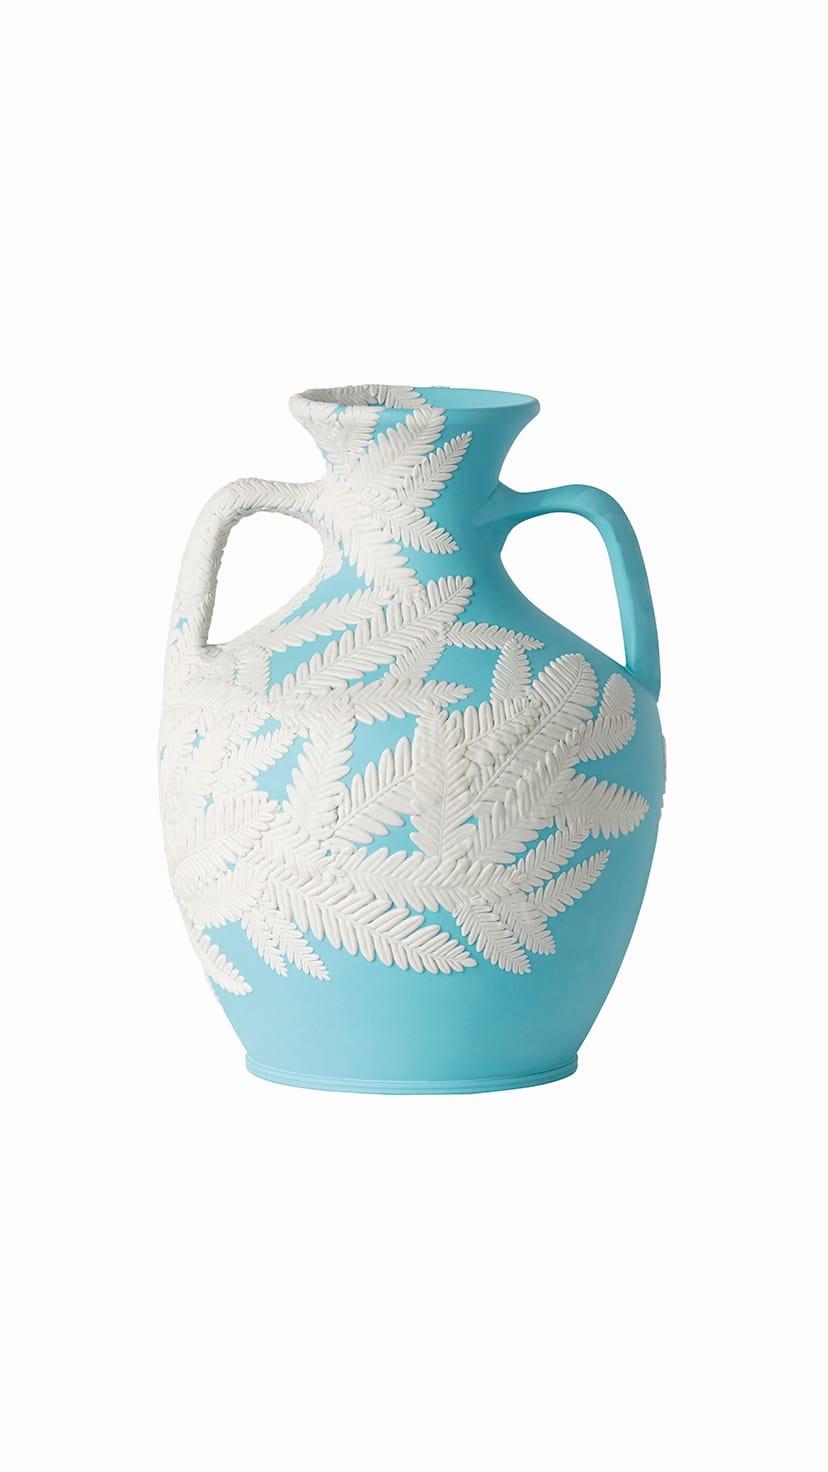 大英博物館にも収蔵されている「Shōka (昇華) Vase」。